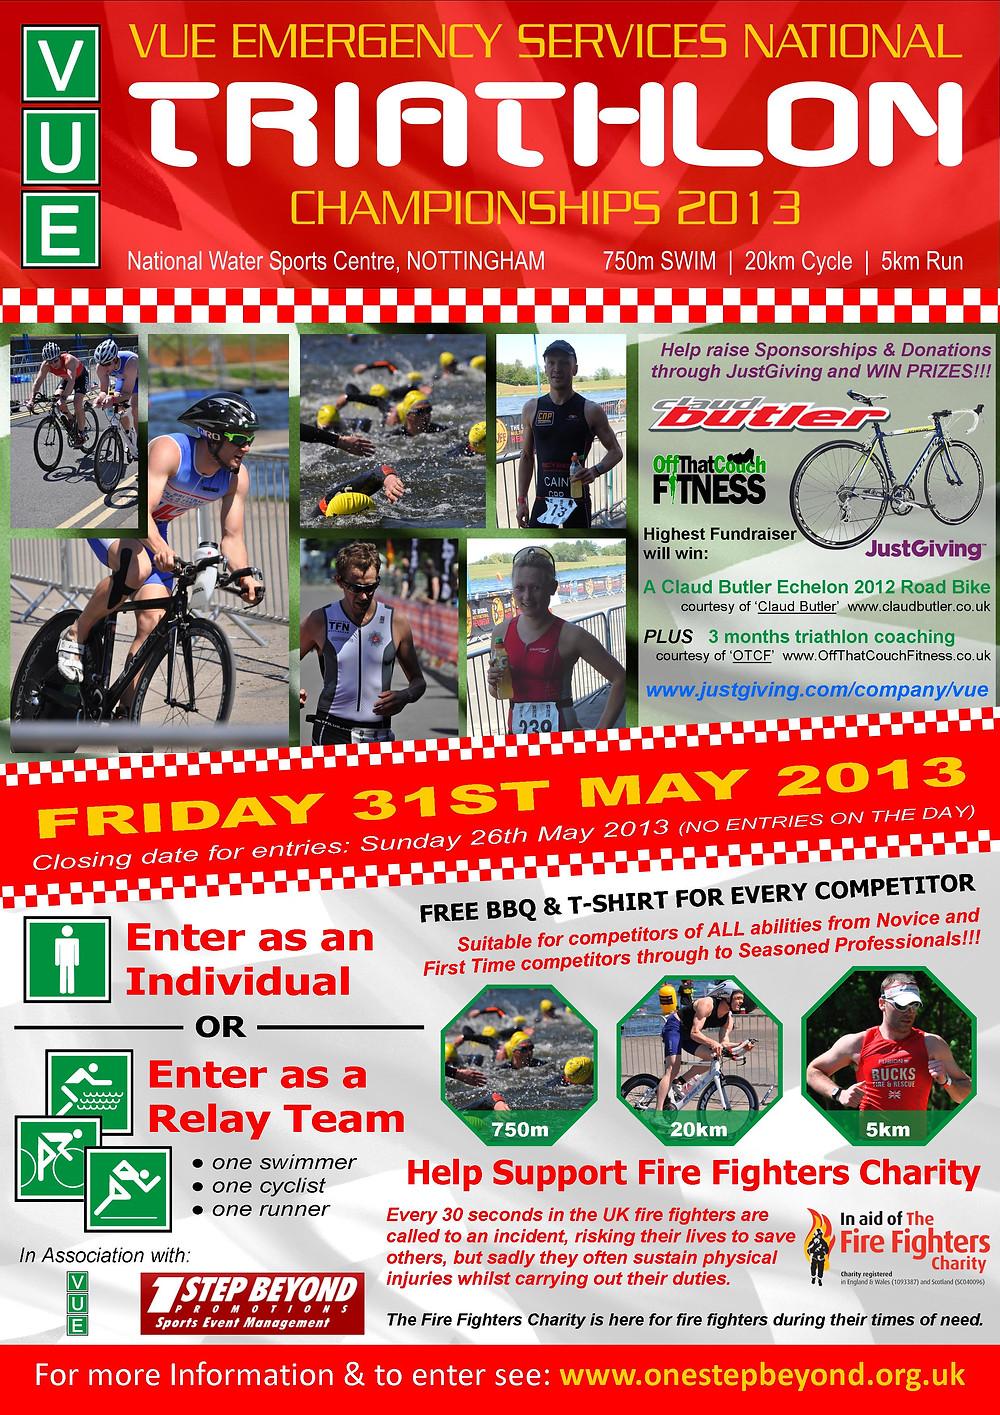 FFC - Triathlon 2013 Poster